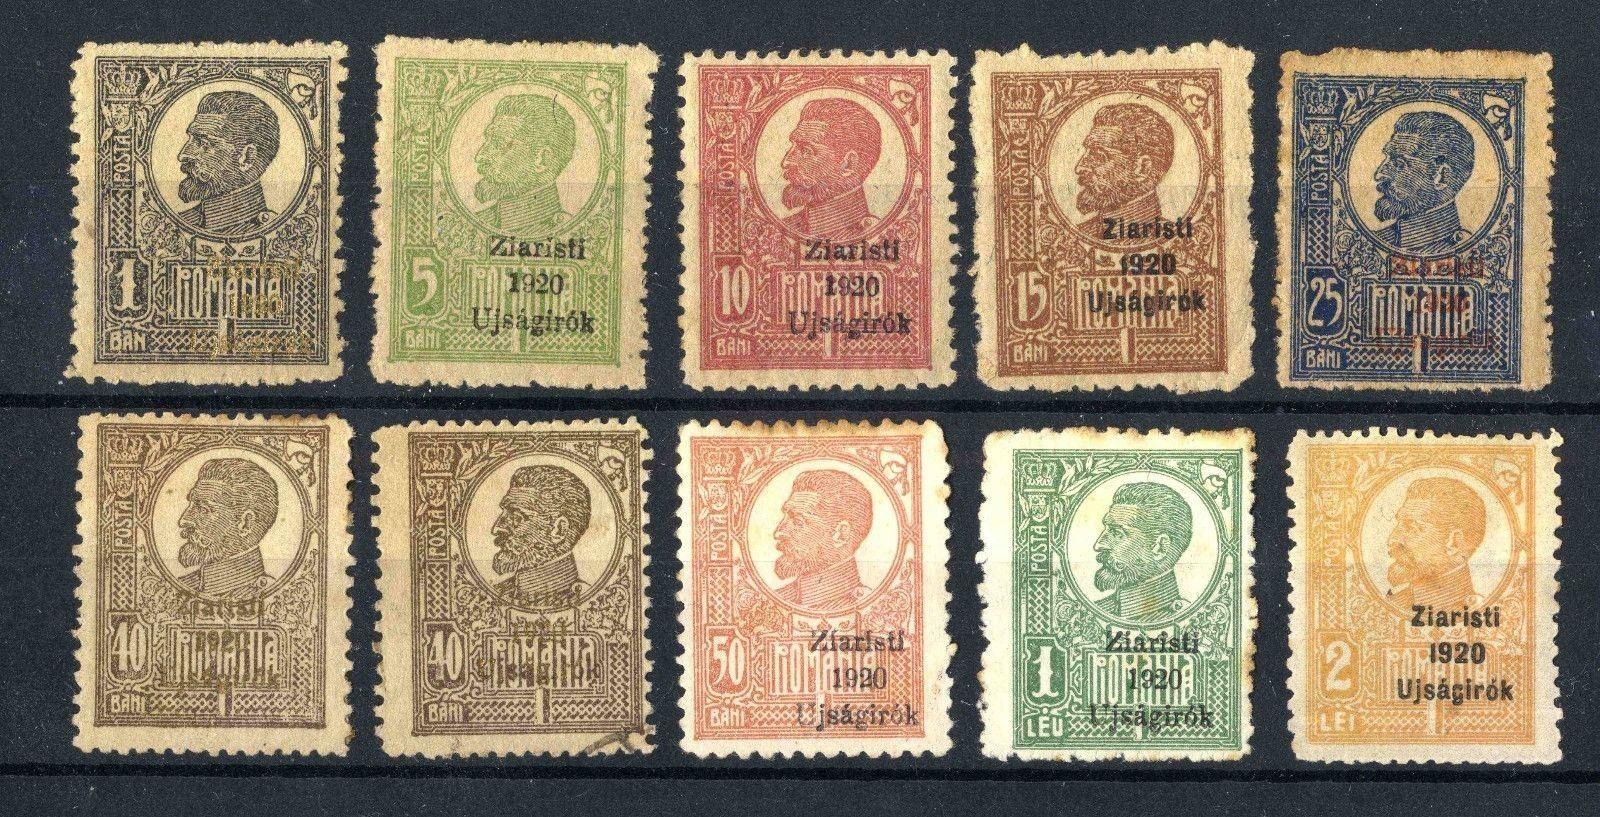 Romania 1920 Ziaristi